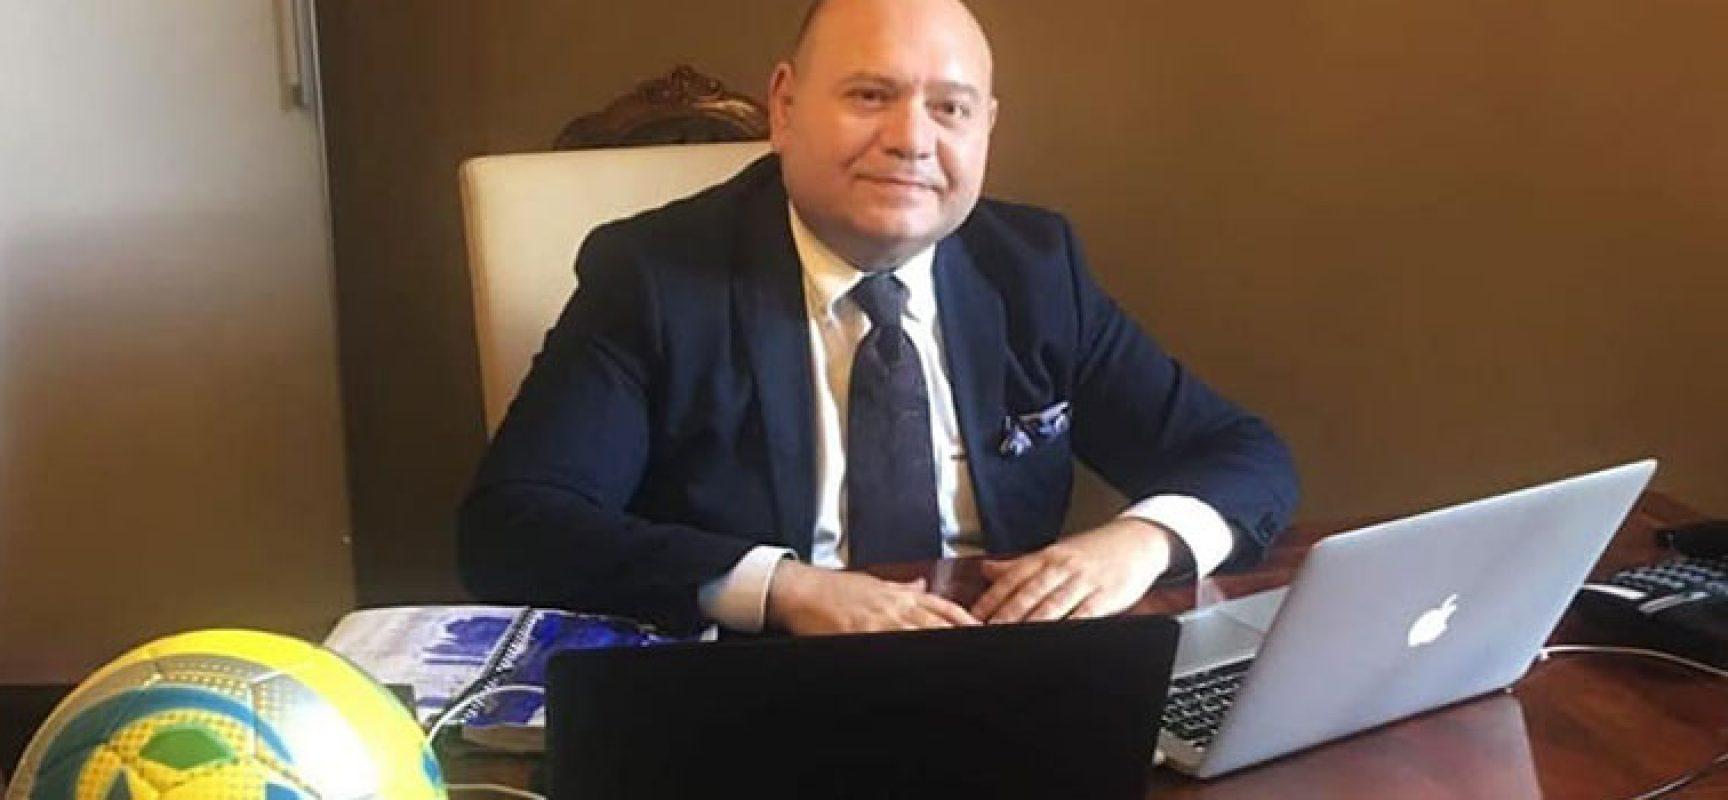 Carito nuovo Direttore dello Sviluppo Strategico, Commerciale e Marketing della Lega Pro